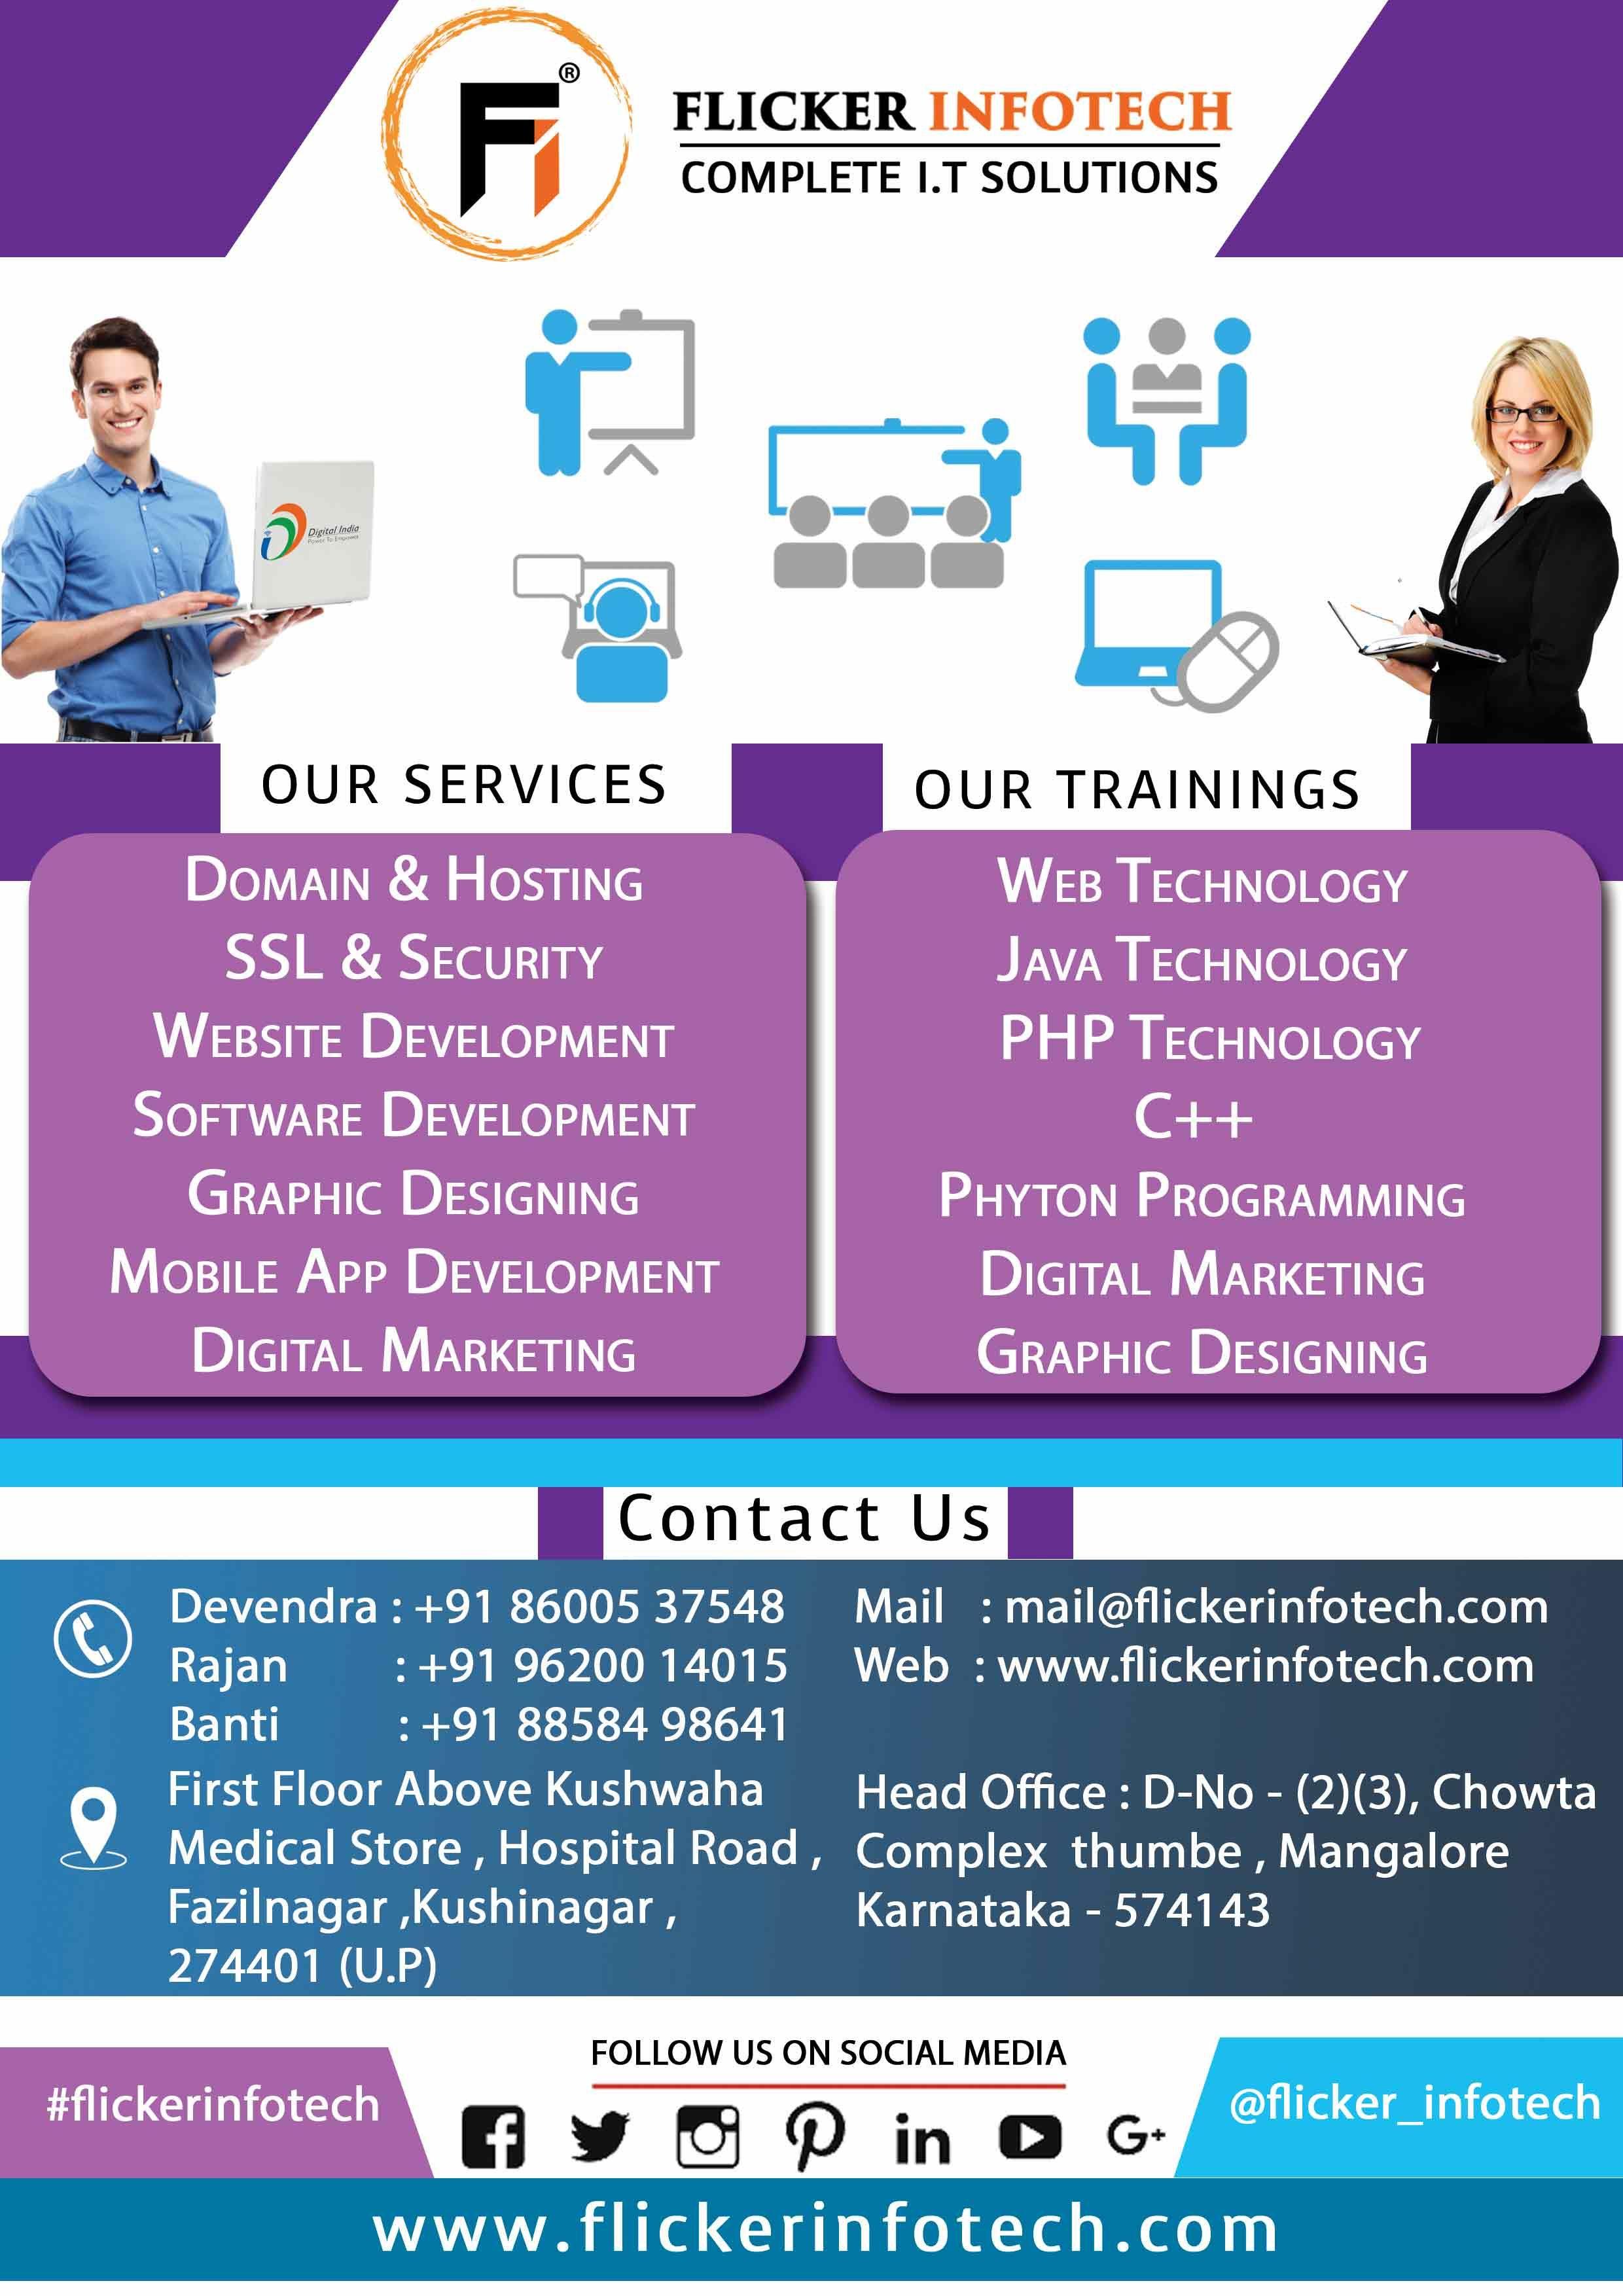 Pin By Flicker Infotech On Flicker Infotech Software Development Web Technology Website Development